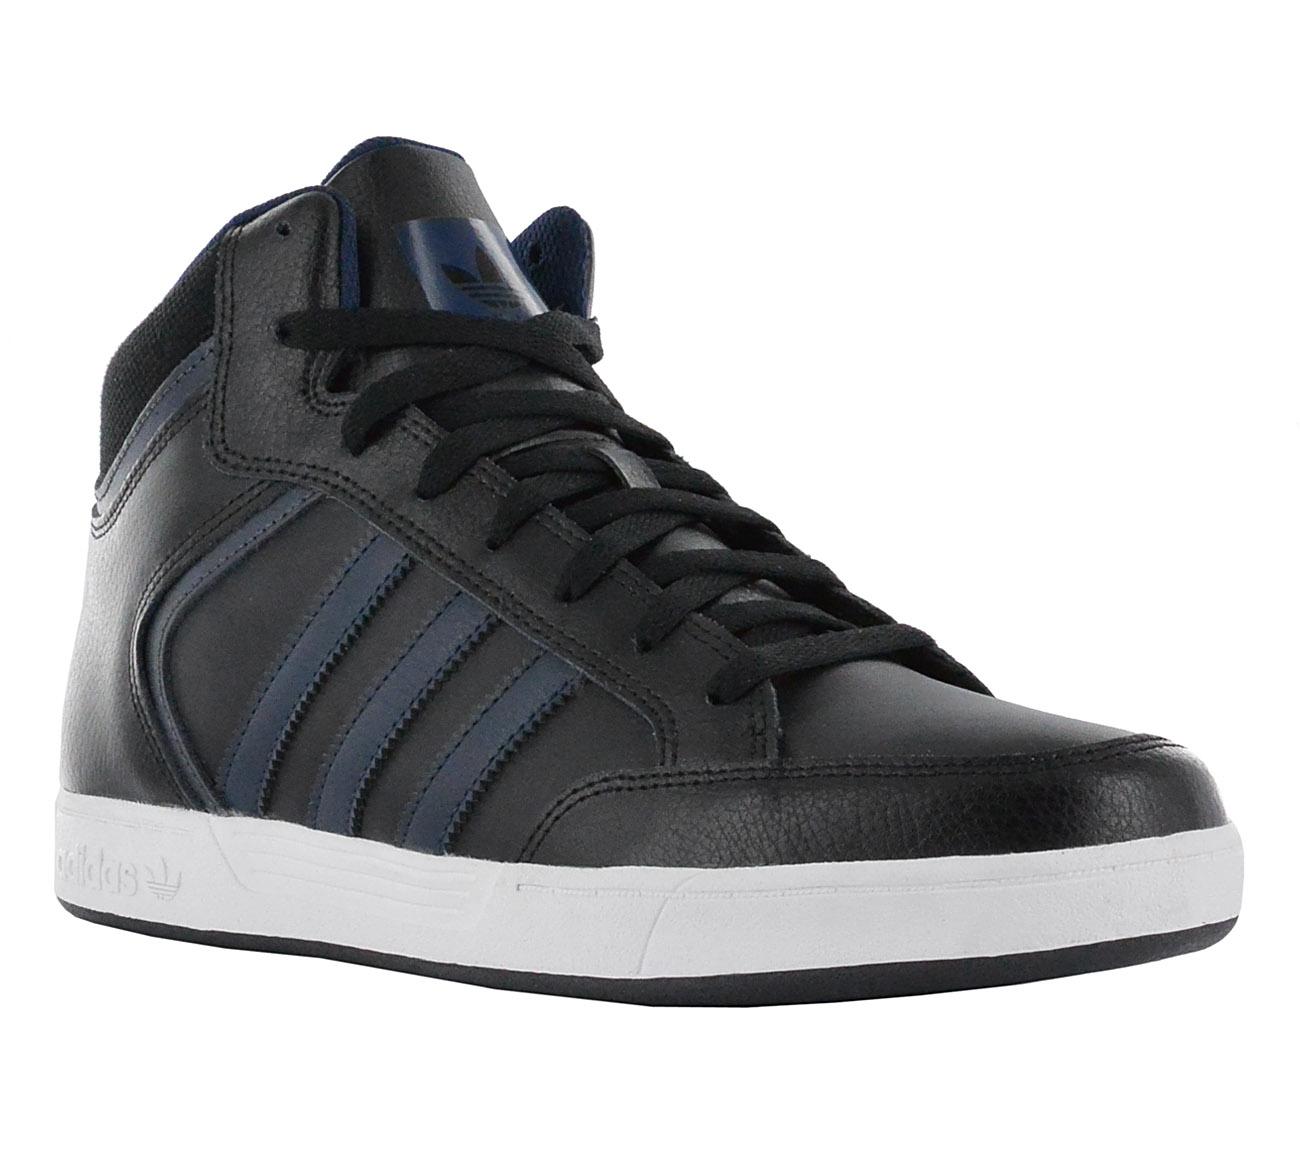 adidas uomini scarpe nere con le scarpe di pelle varial metà nuovi